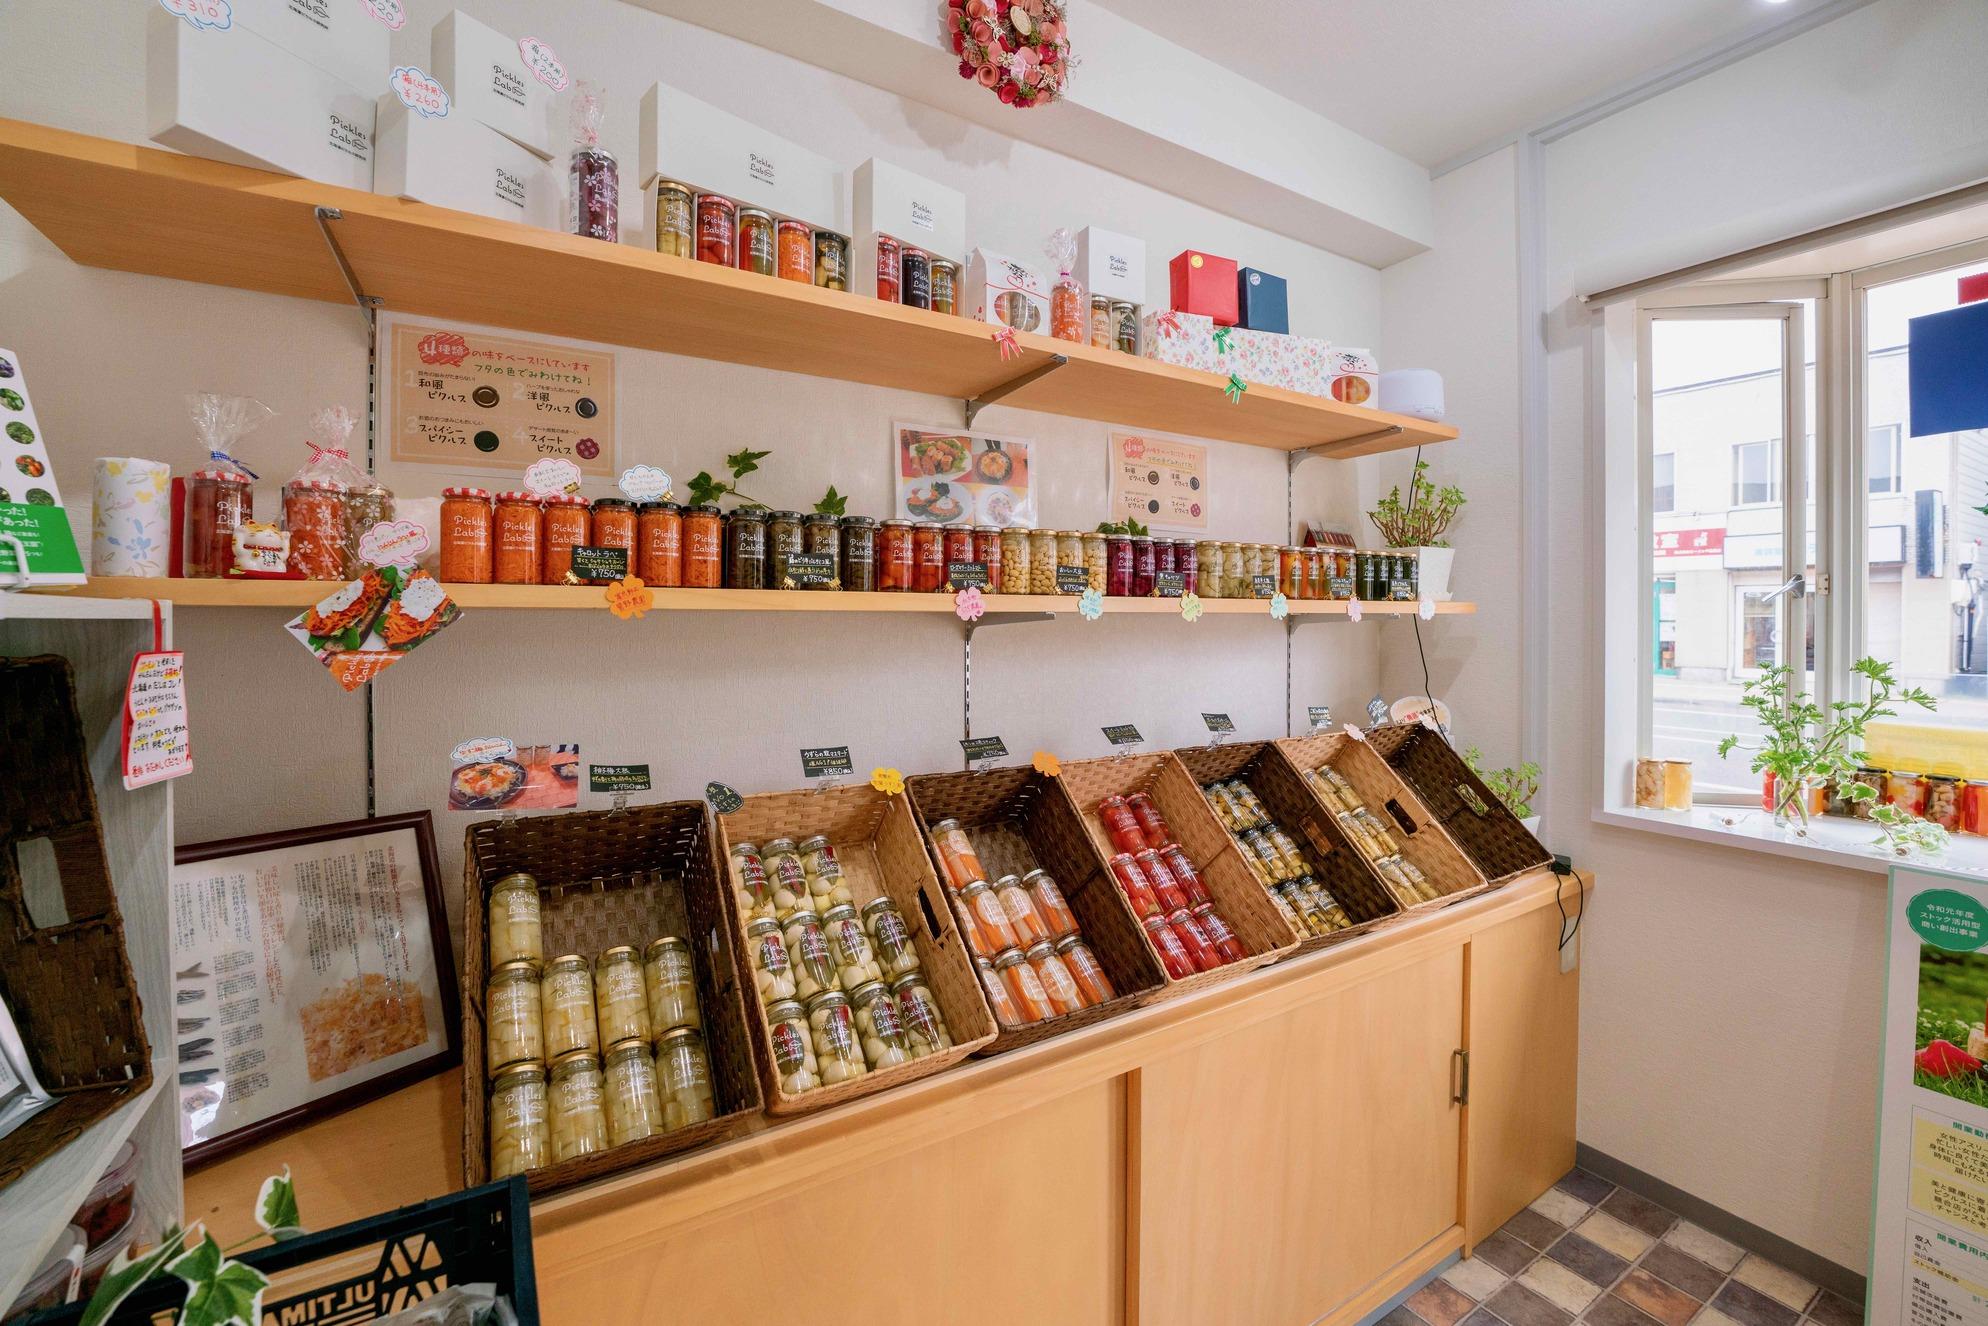 北海道札幌市にあるピクルスの製造・販売店Pickles Lab Hokkaido,北海道ピクルス研究所,ピクルスラボ